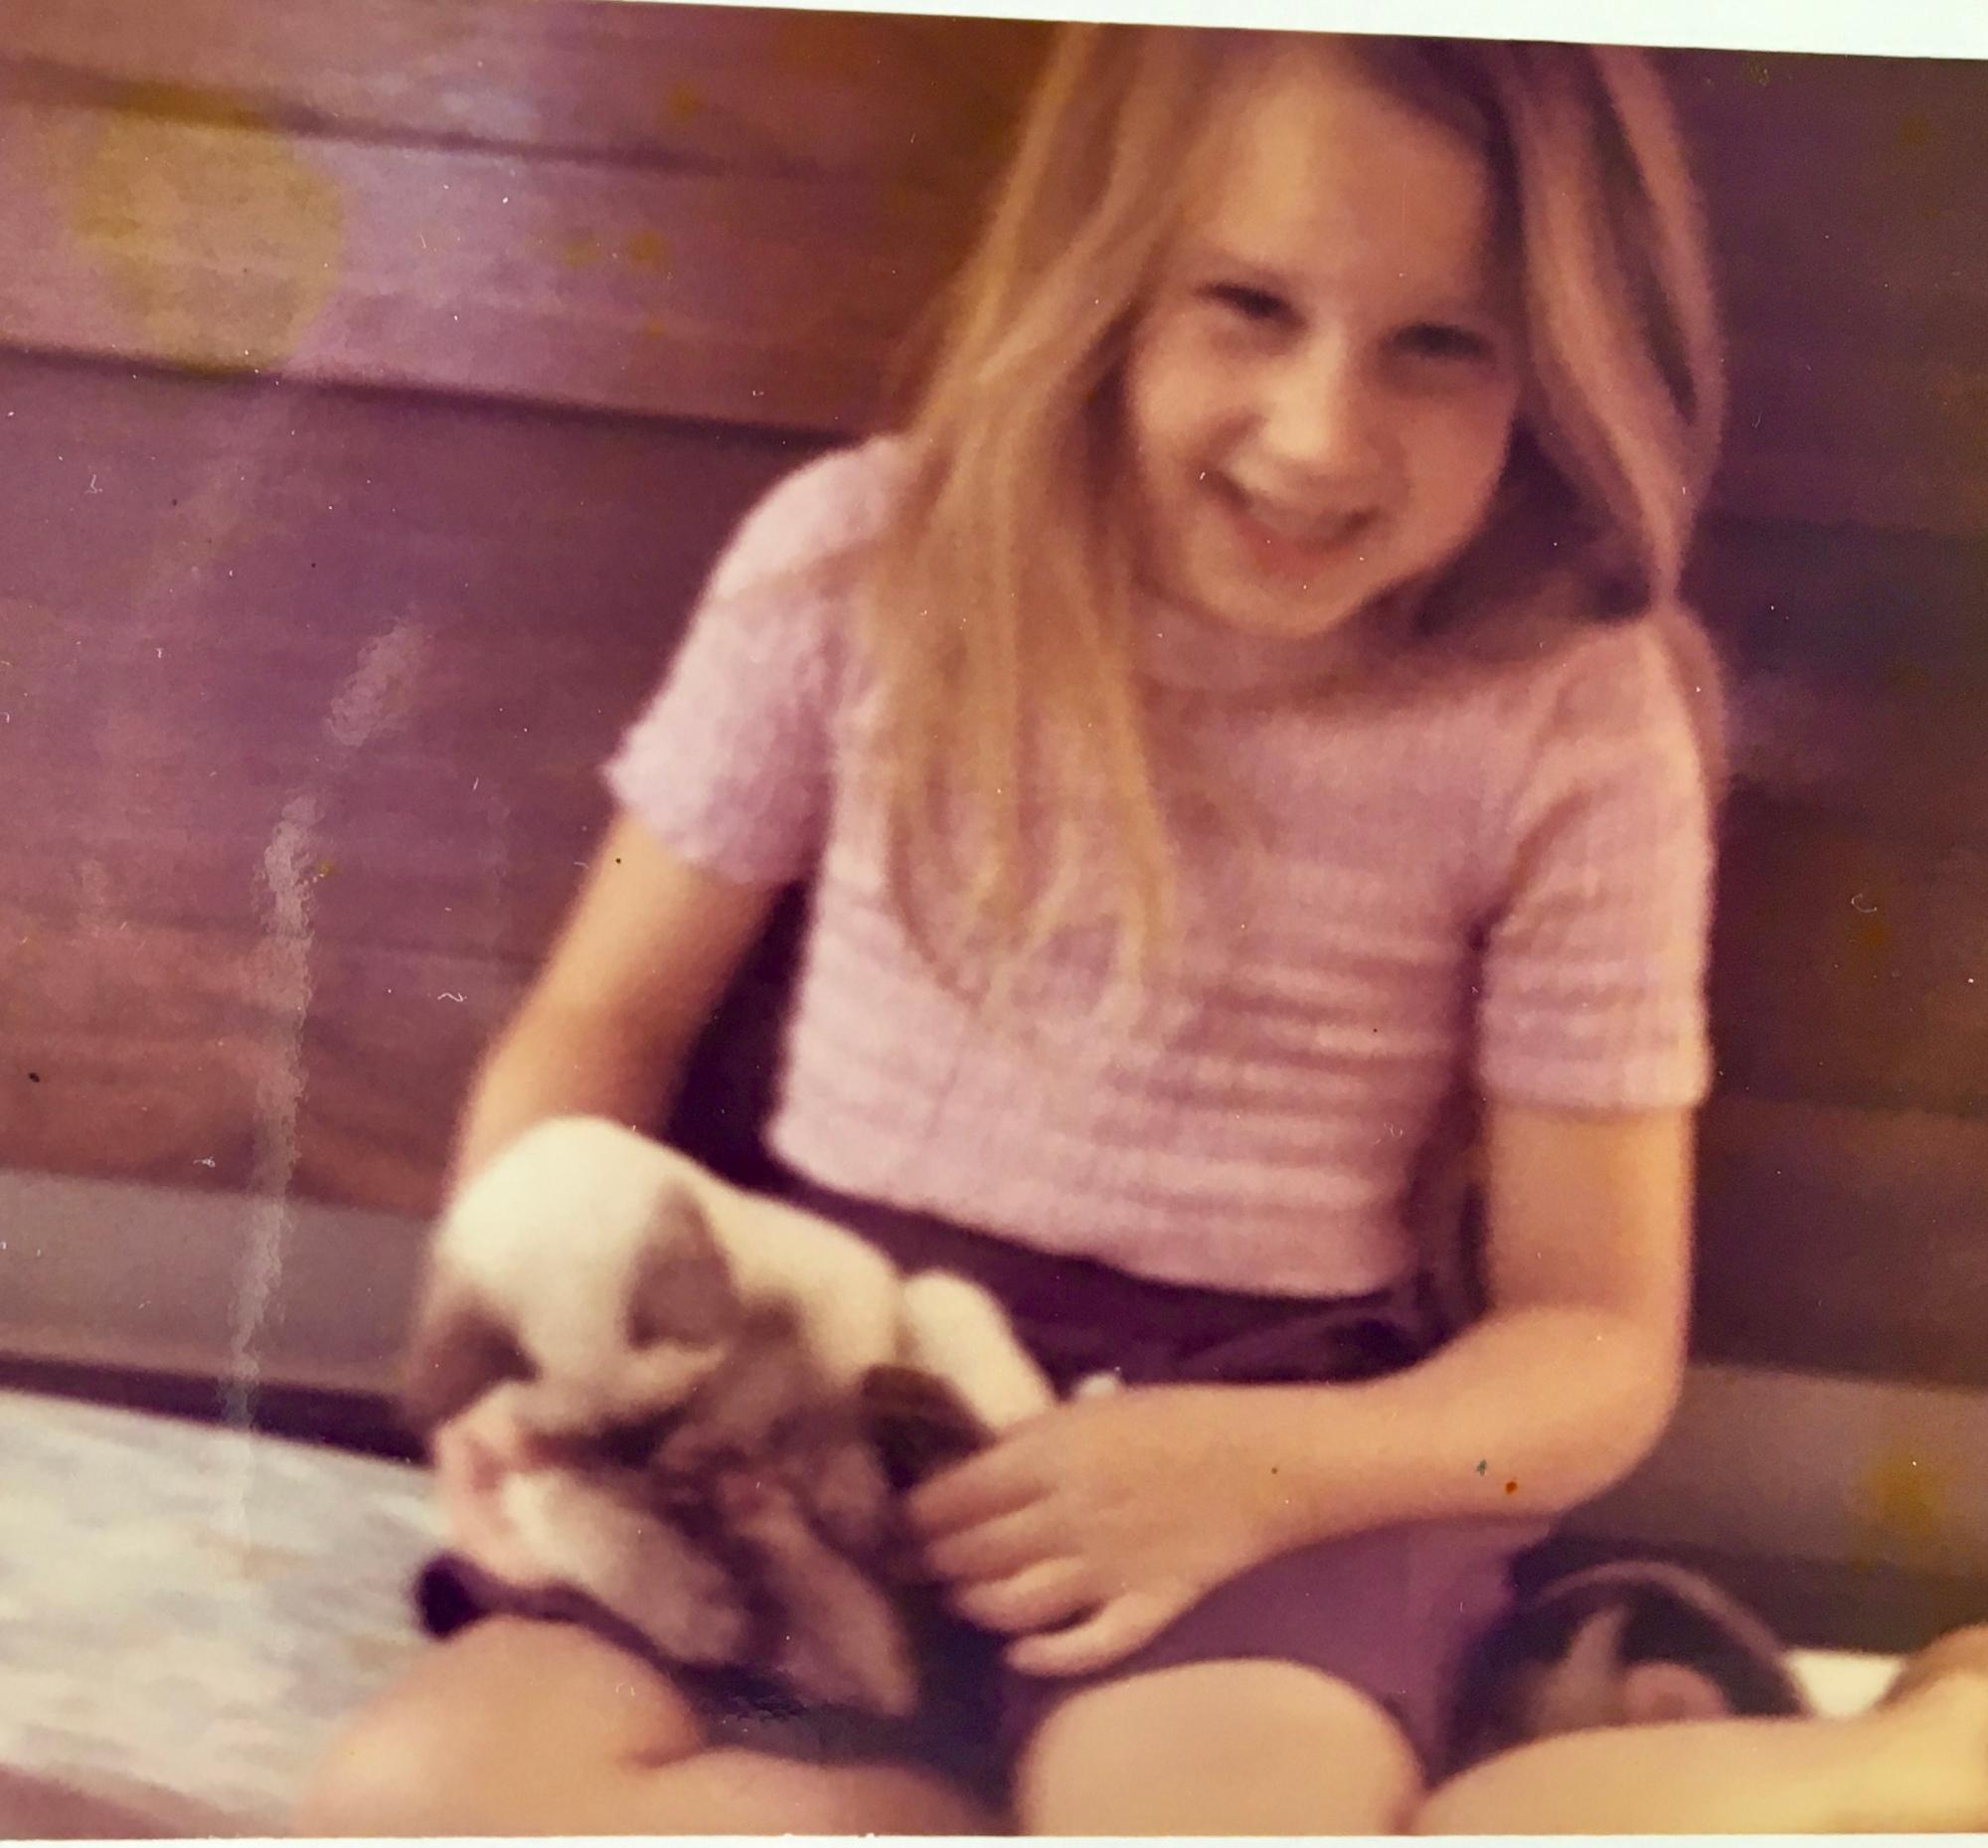 photo of J. Wilder Bill when a child with her kitten